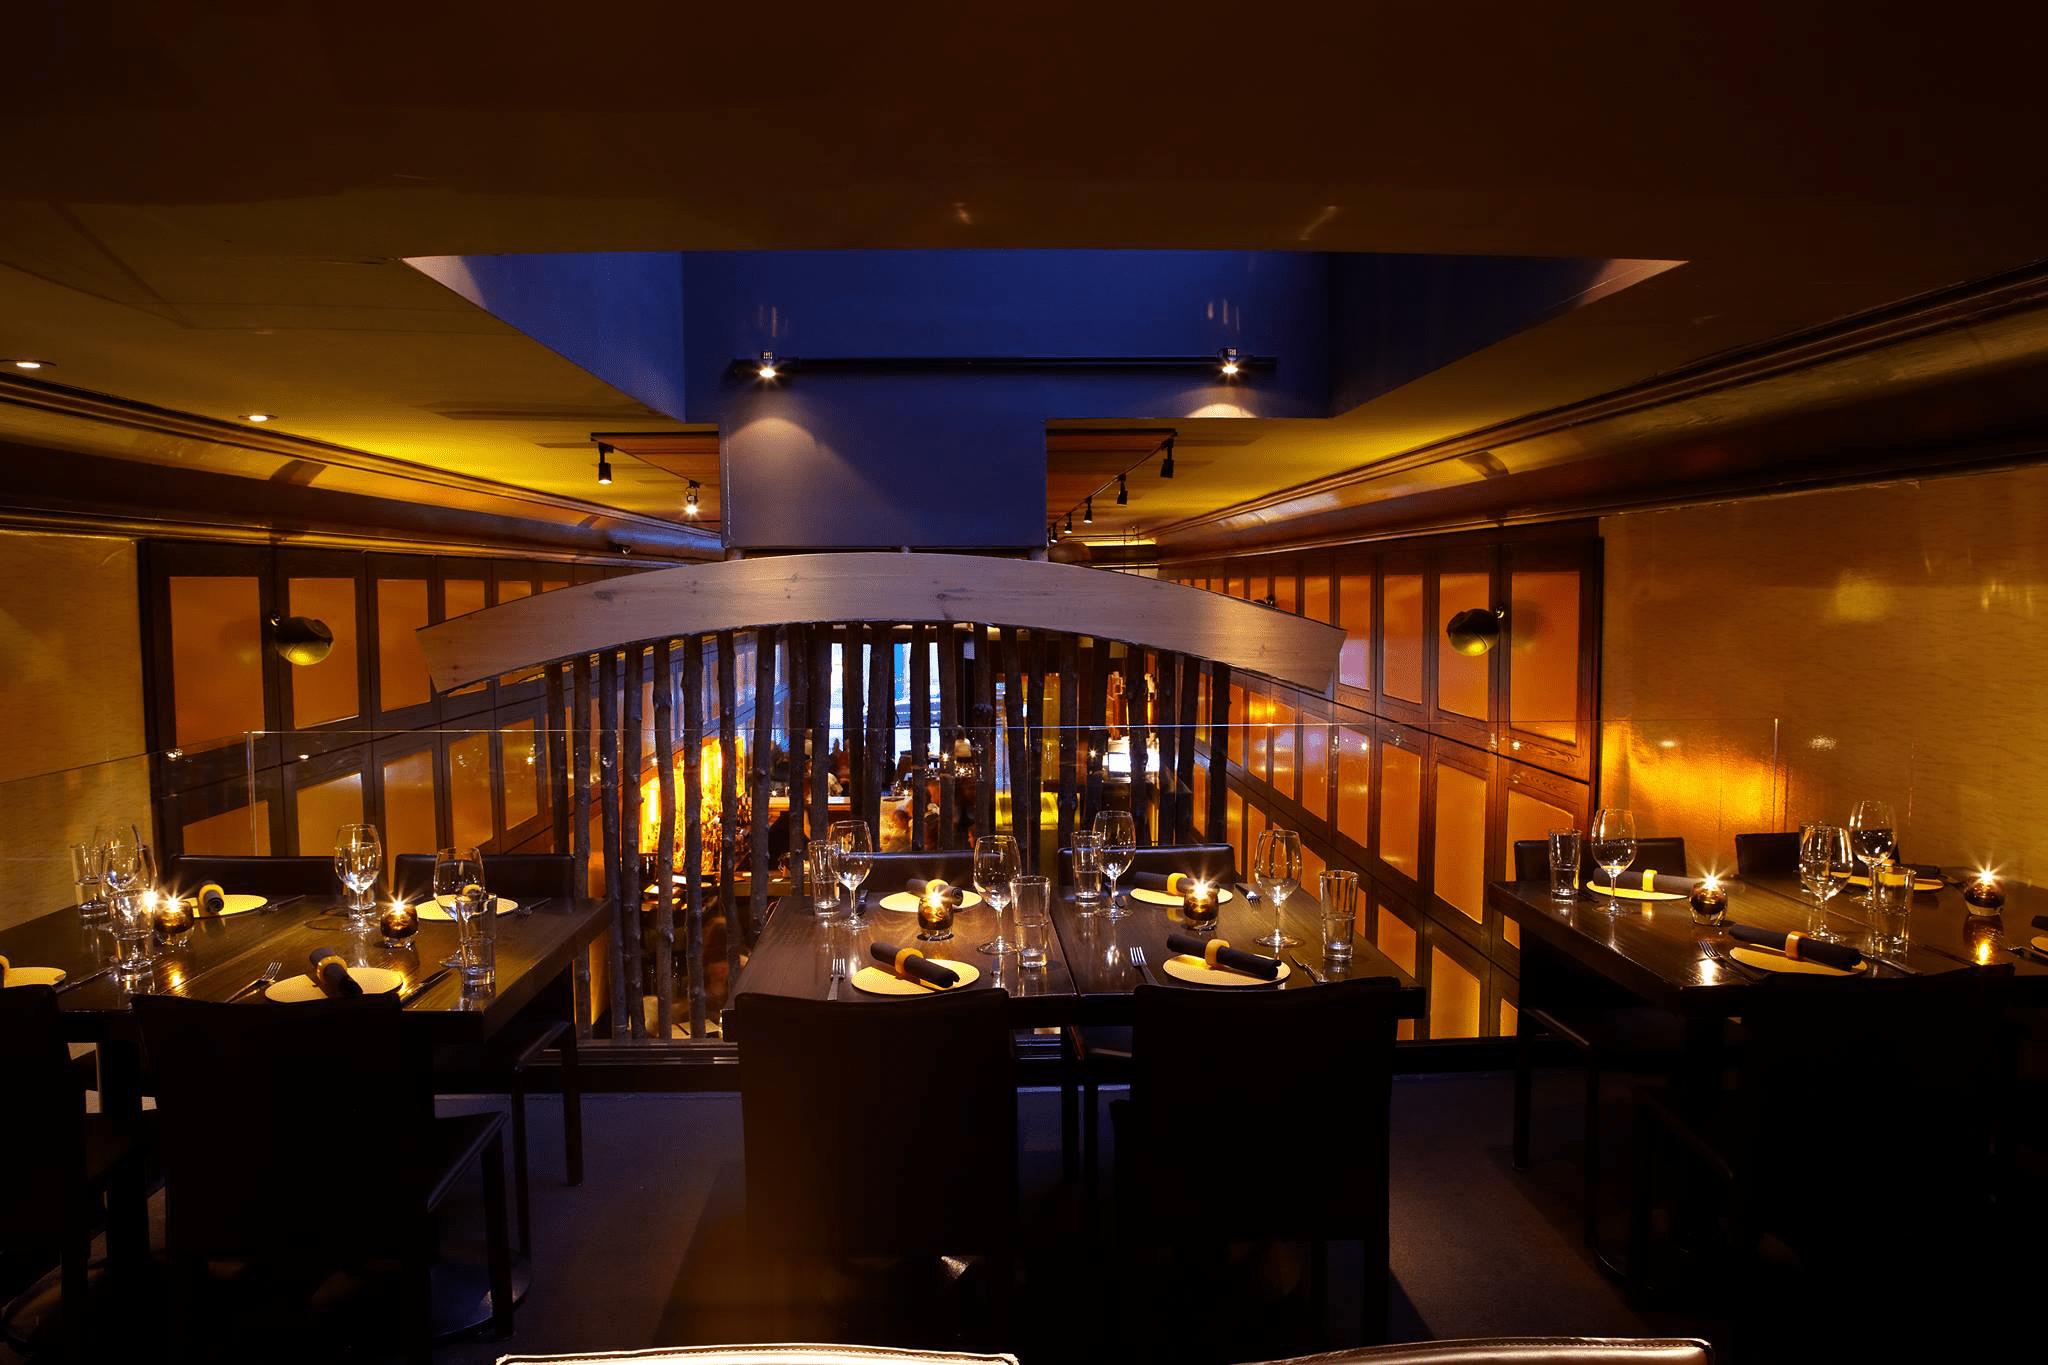 una vista de arriba de las mesas del restaurante con platos y copas de vino